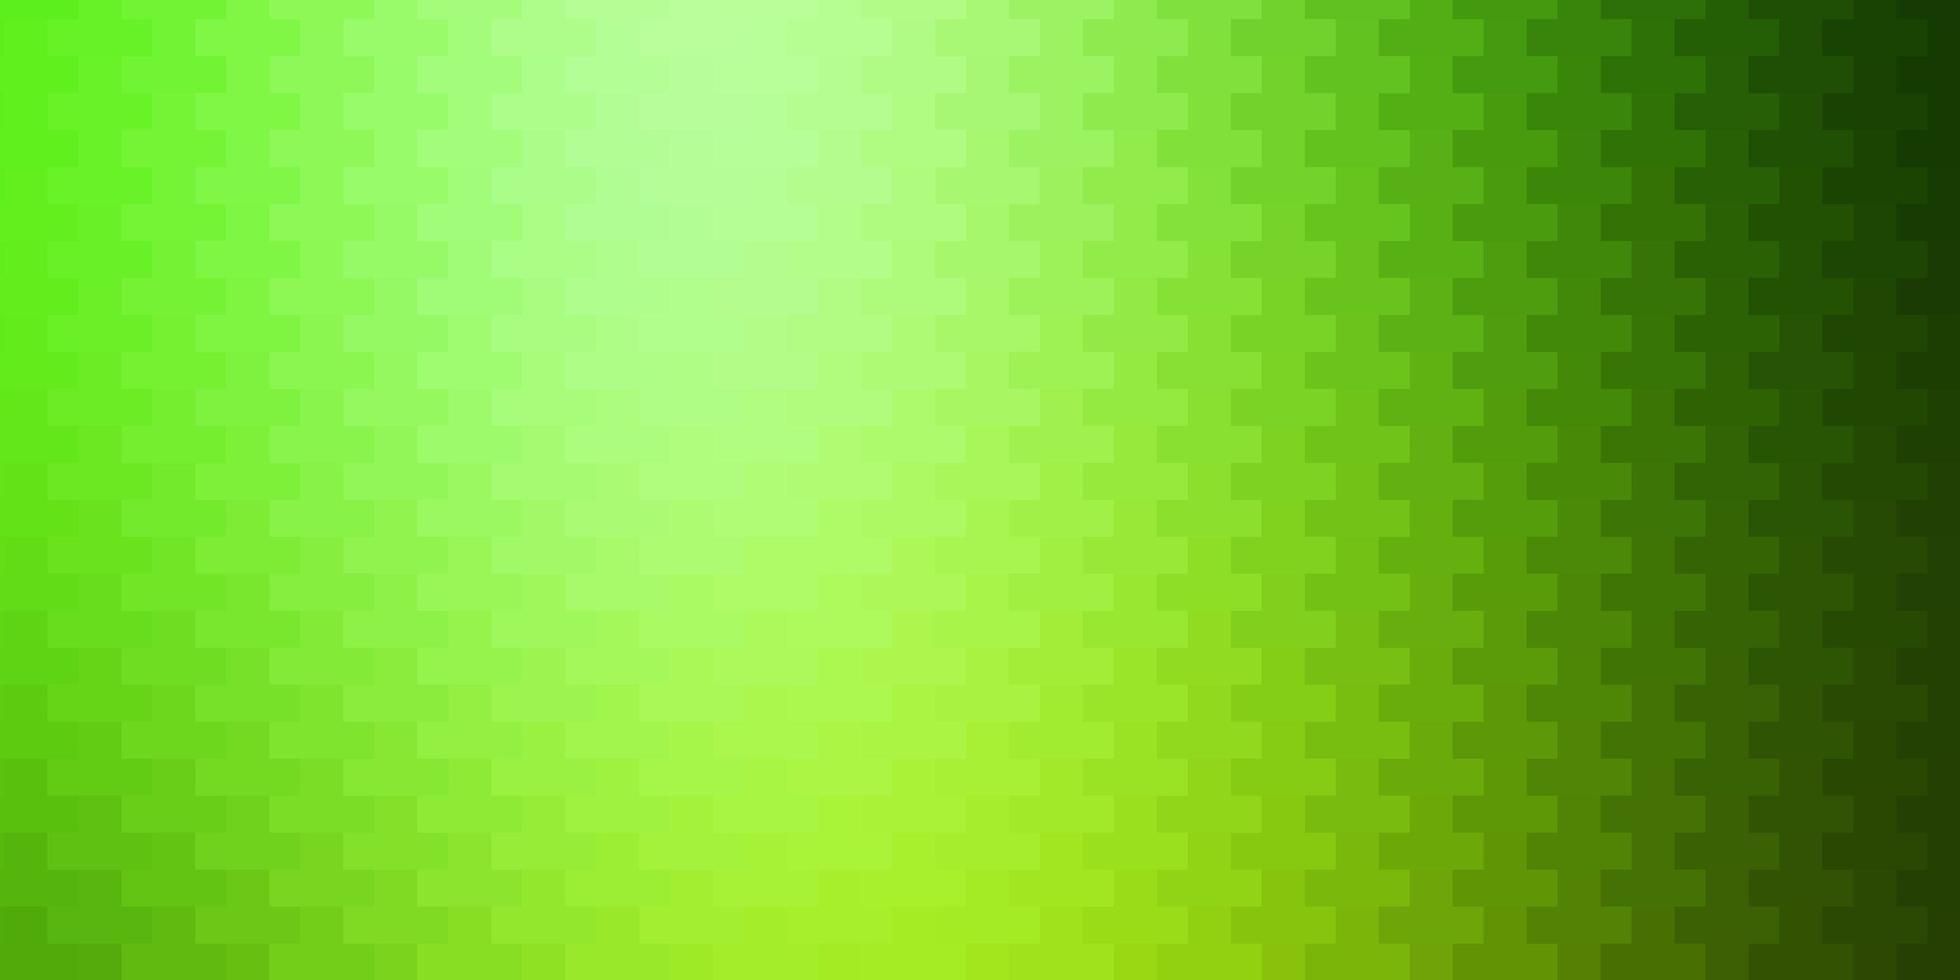 ljusgrönt vektormönster i fyrkantig stil. vektor